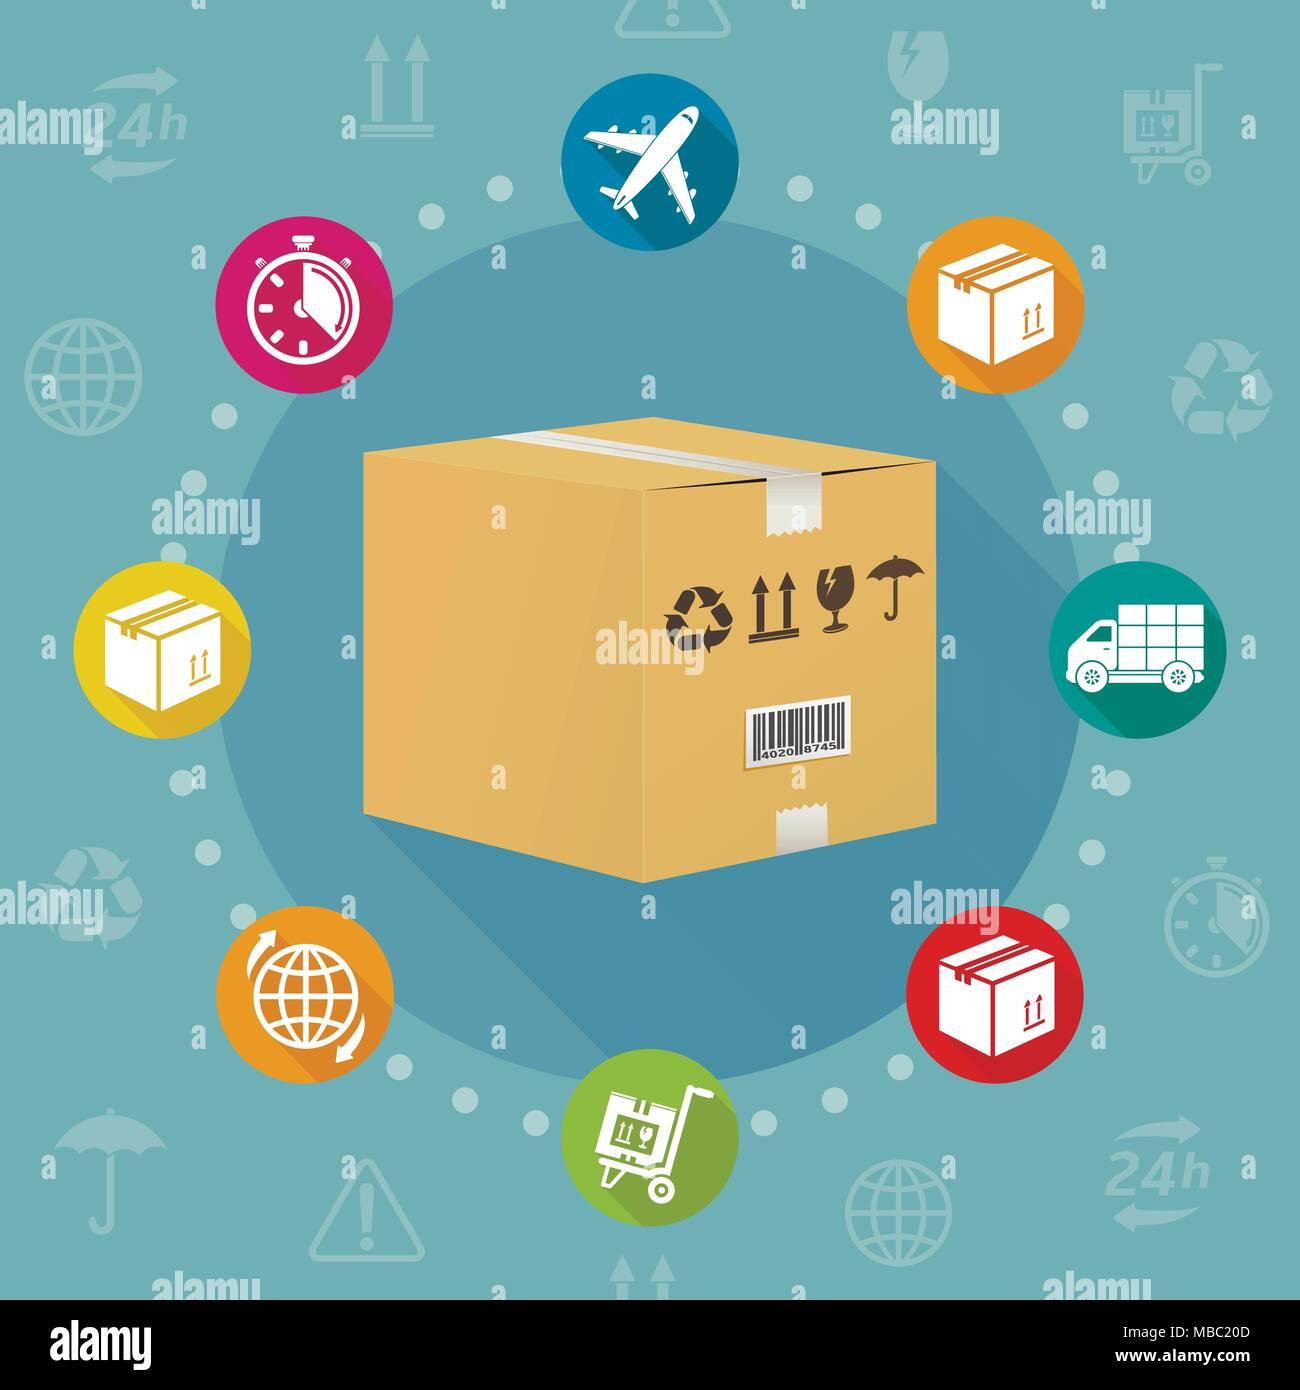 Servicio de entrega de diseño plano, ilustración vectorial Imagen De Stock